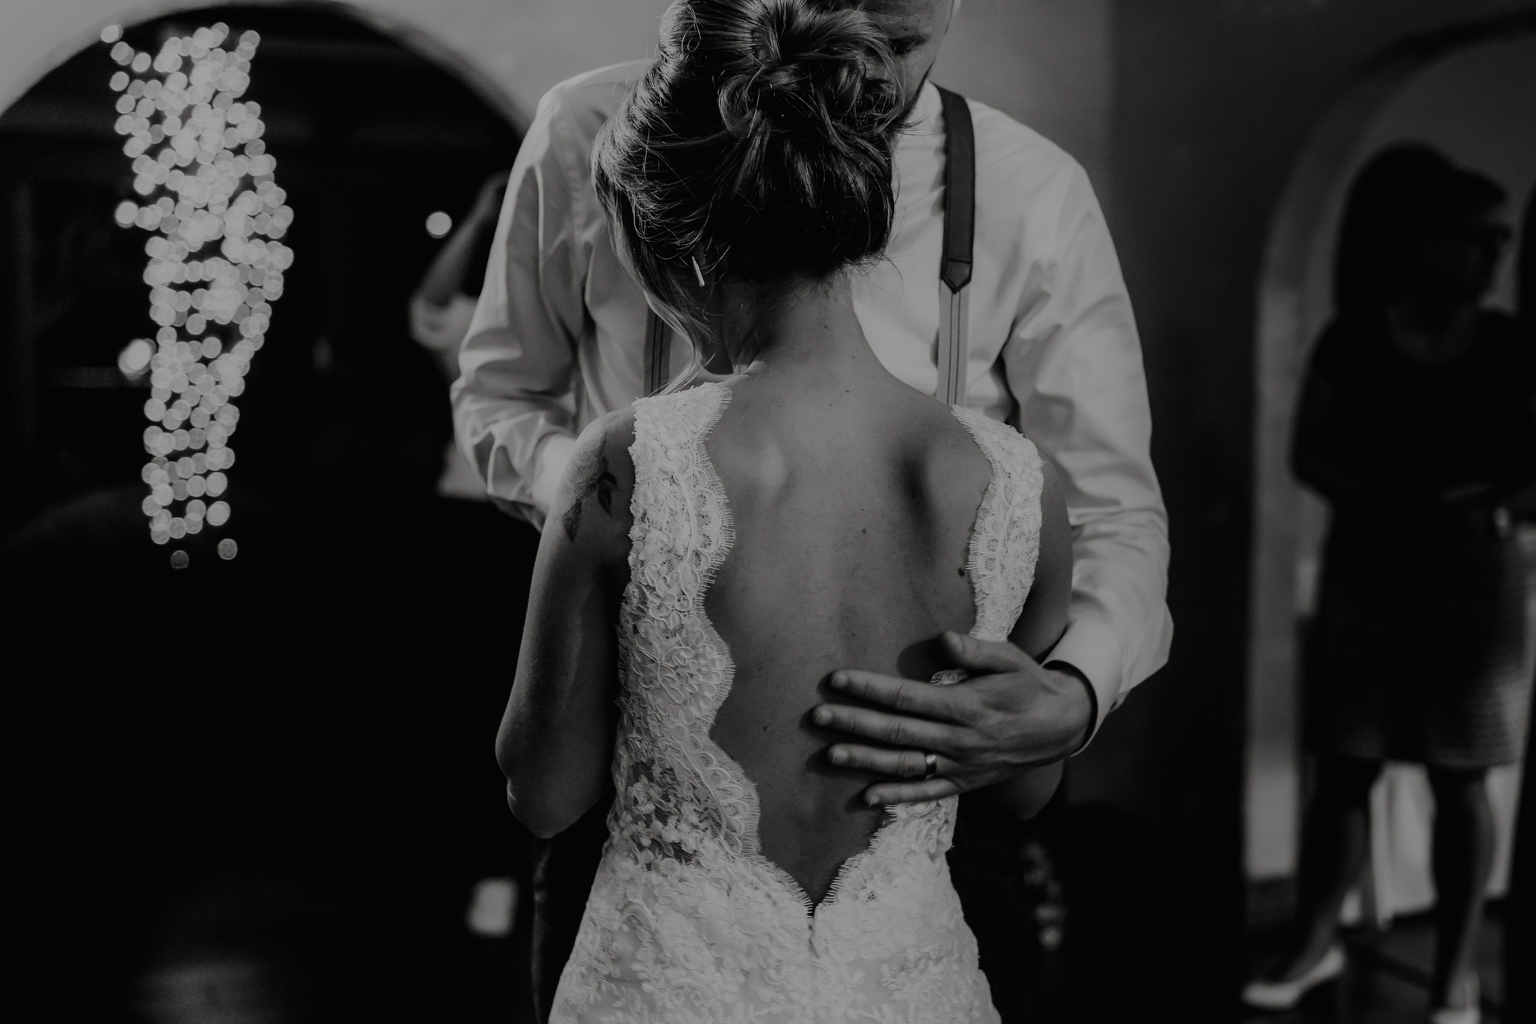 trouweninhetbuitenland_huwelijksfotografie_roxannedankers-66.jpg